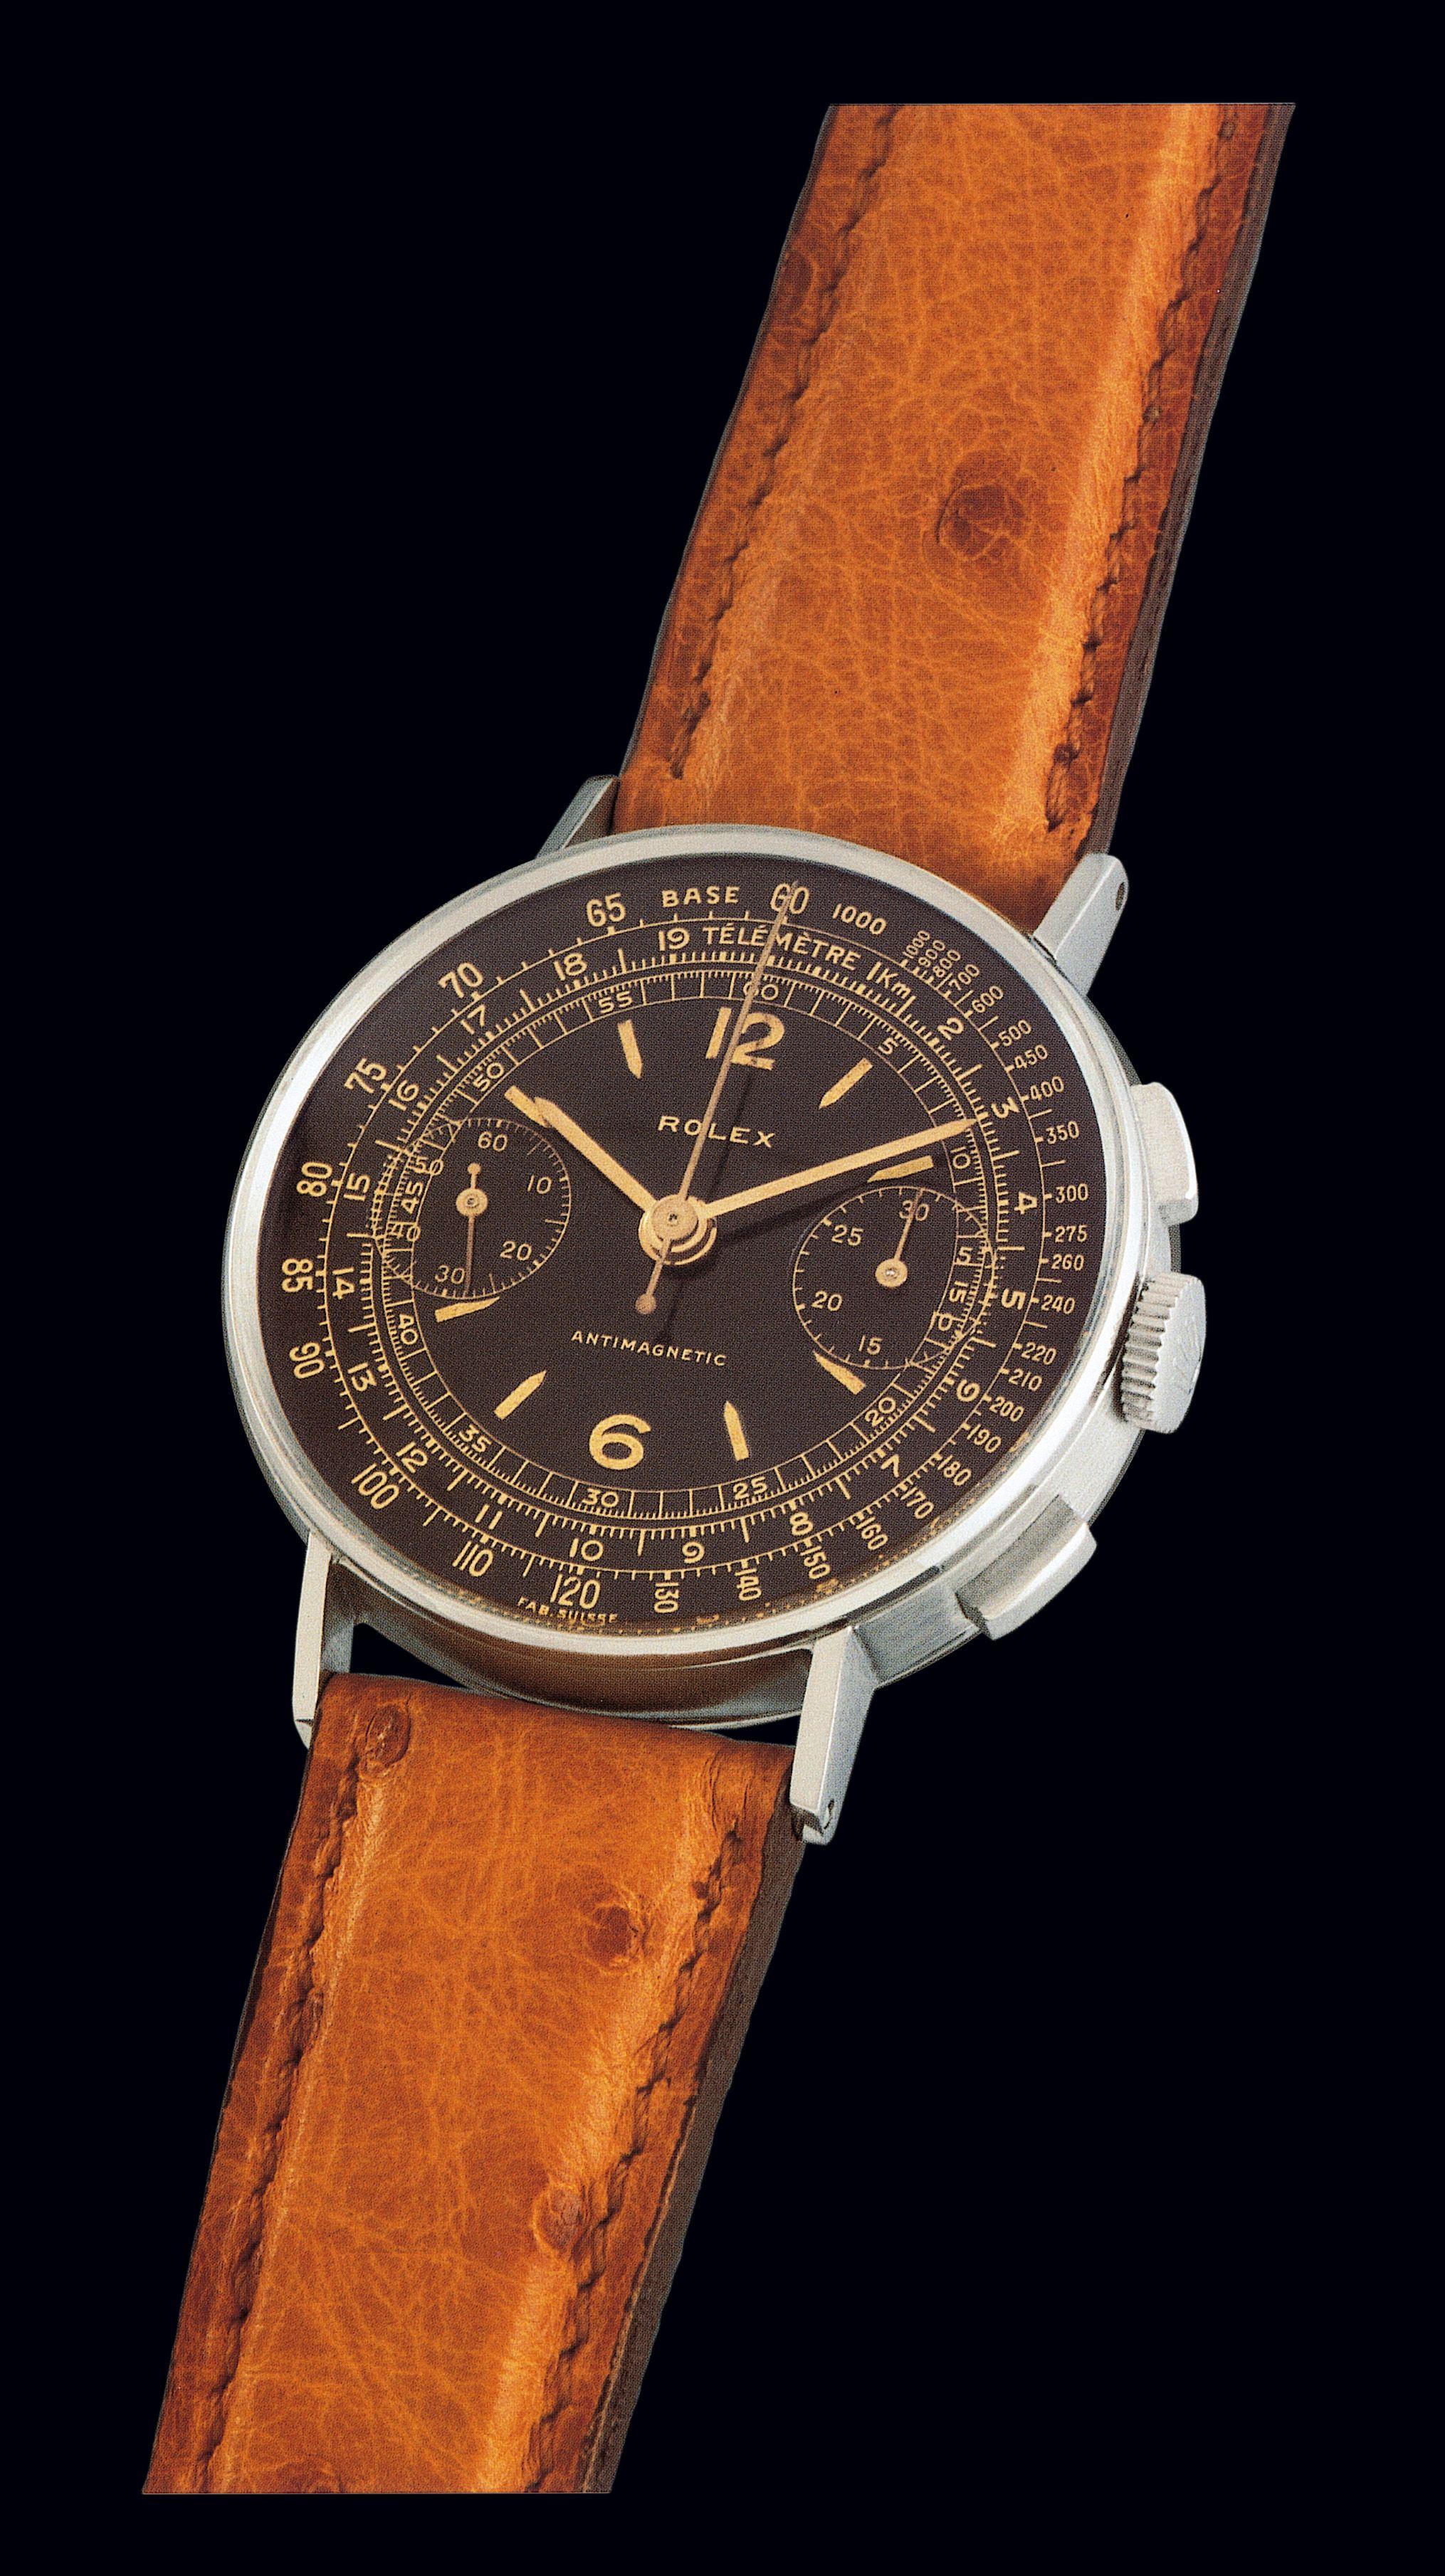 Vintage et authenticité avec cette Rolex disponible en ligne www.leasyluxe.com #vintage #fashionstyle #leasyluxe